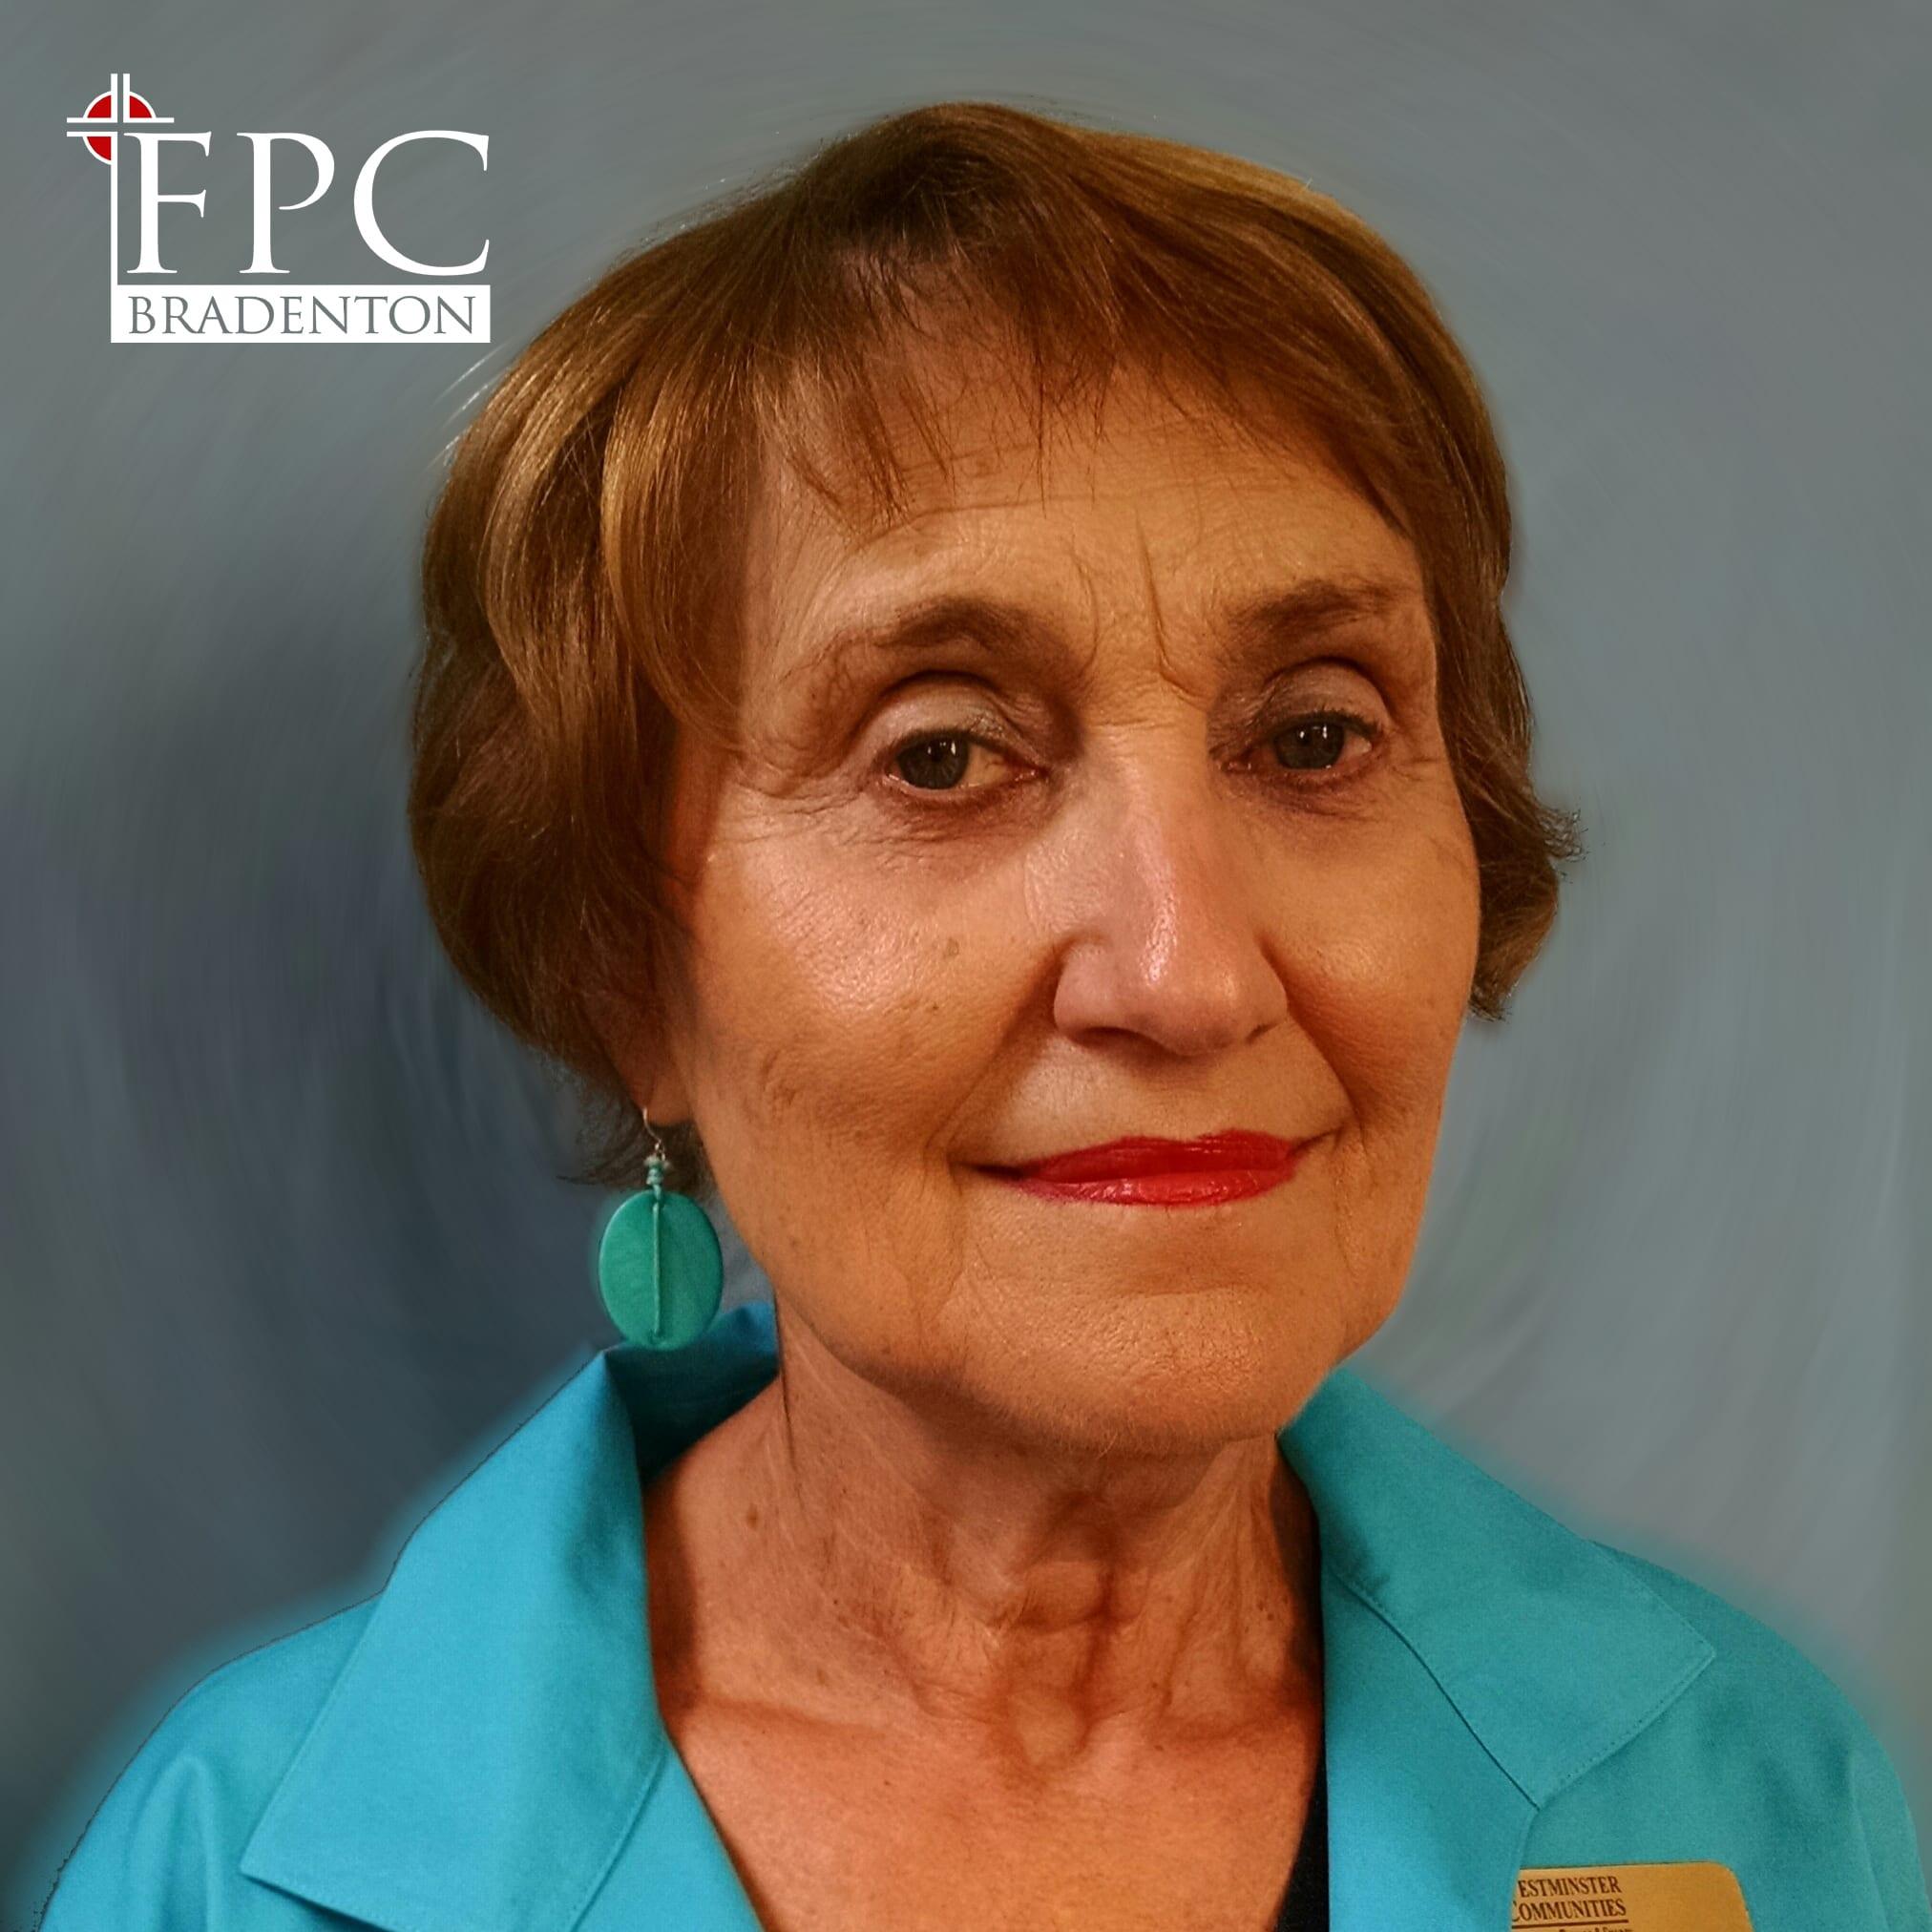 Cathy Phelps